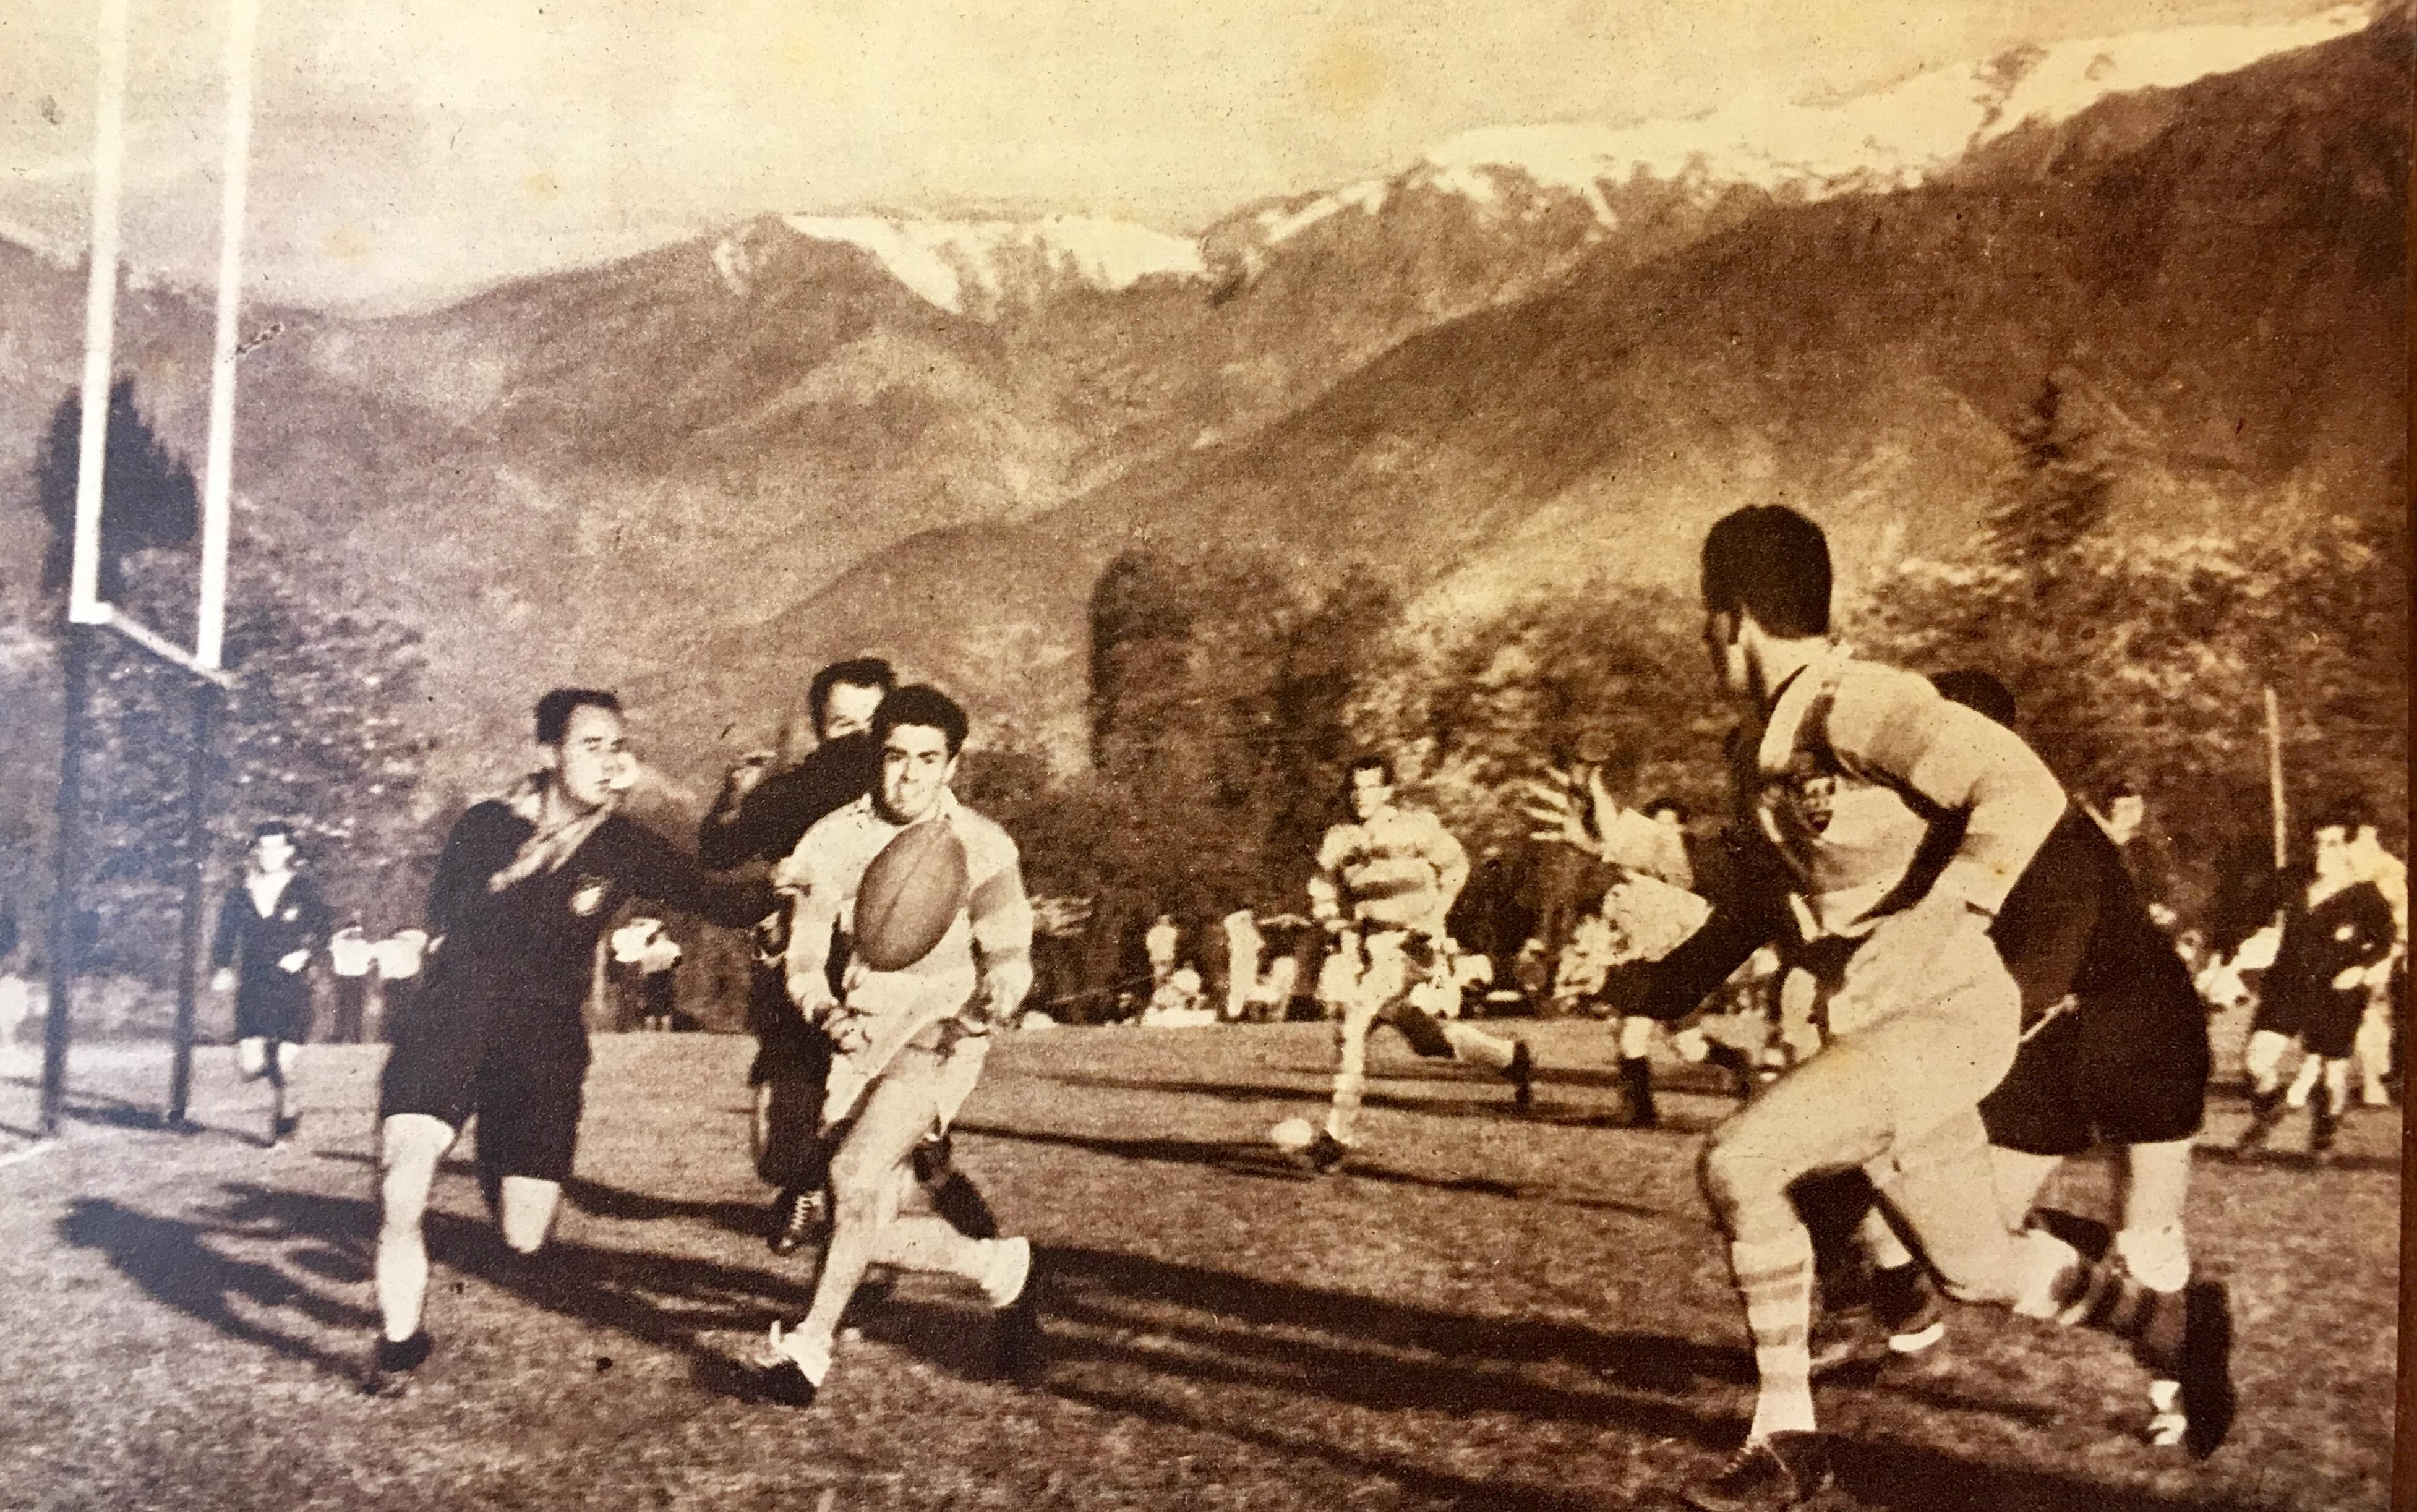 El primer sudamericano, en 1958